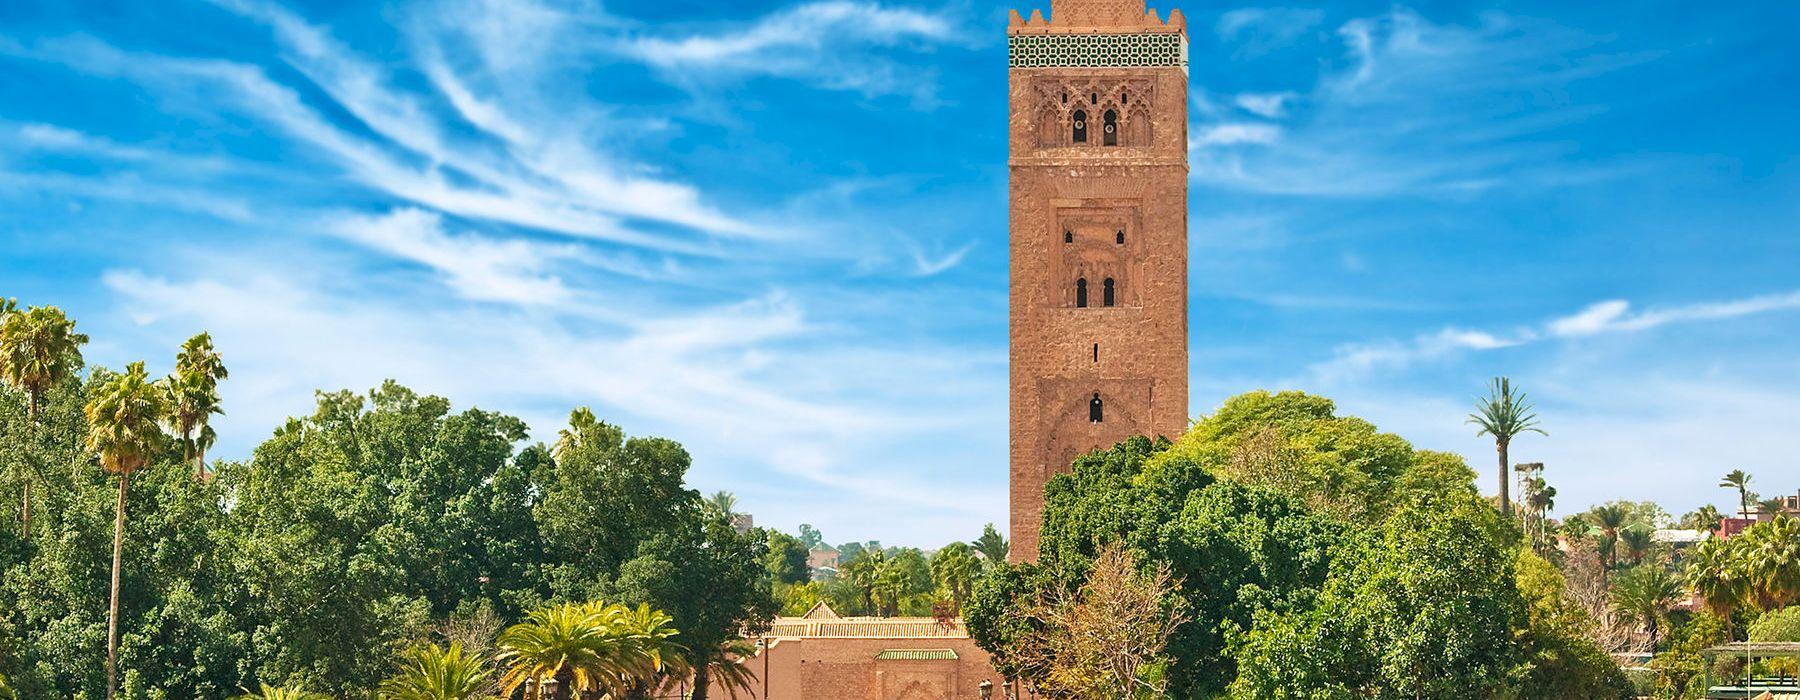 Compañía de alquiler Marruecos